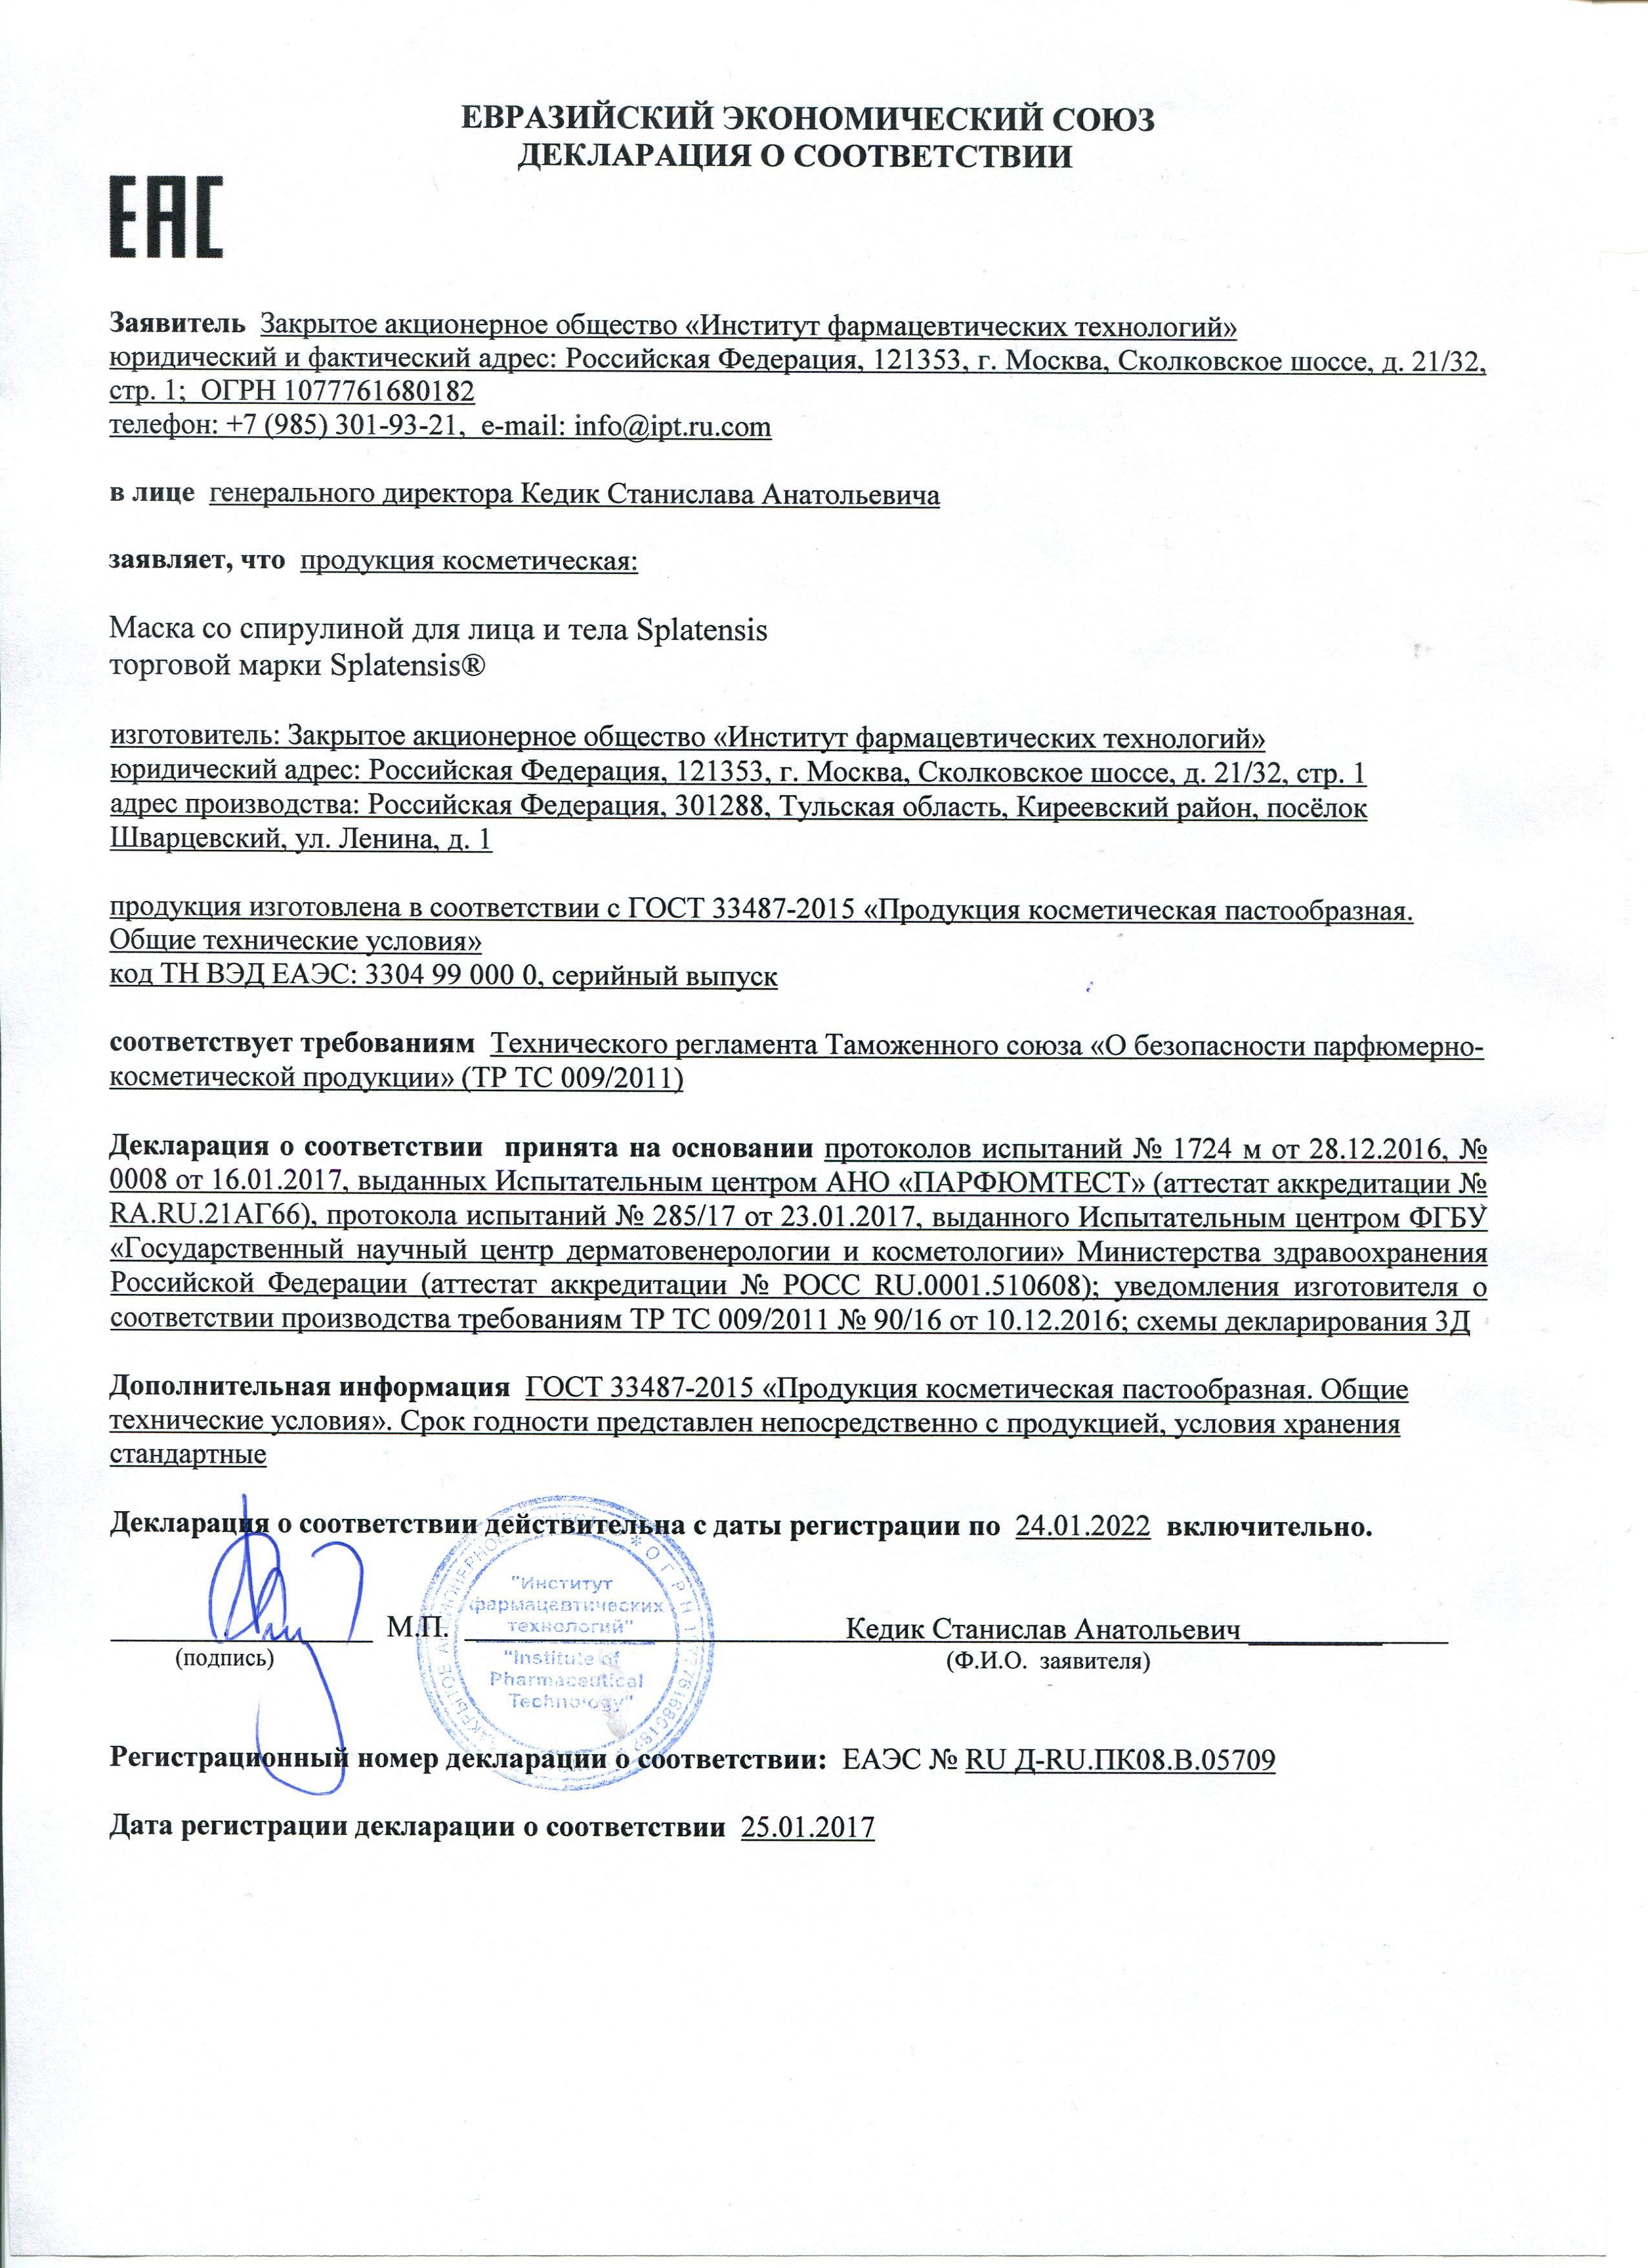 Сертификаты на продукцию Сплатенсис